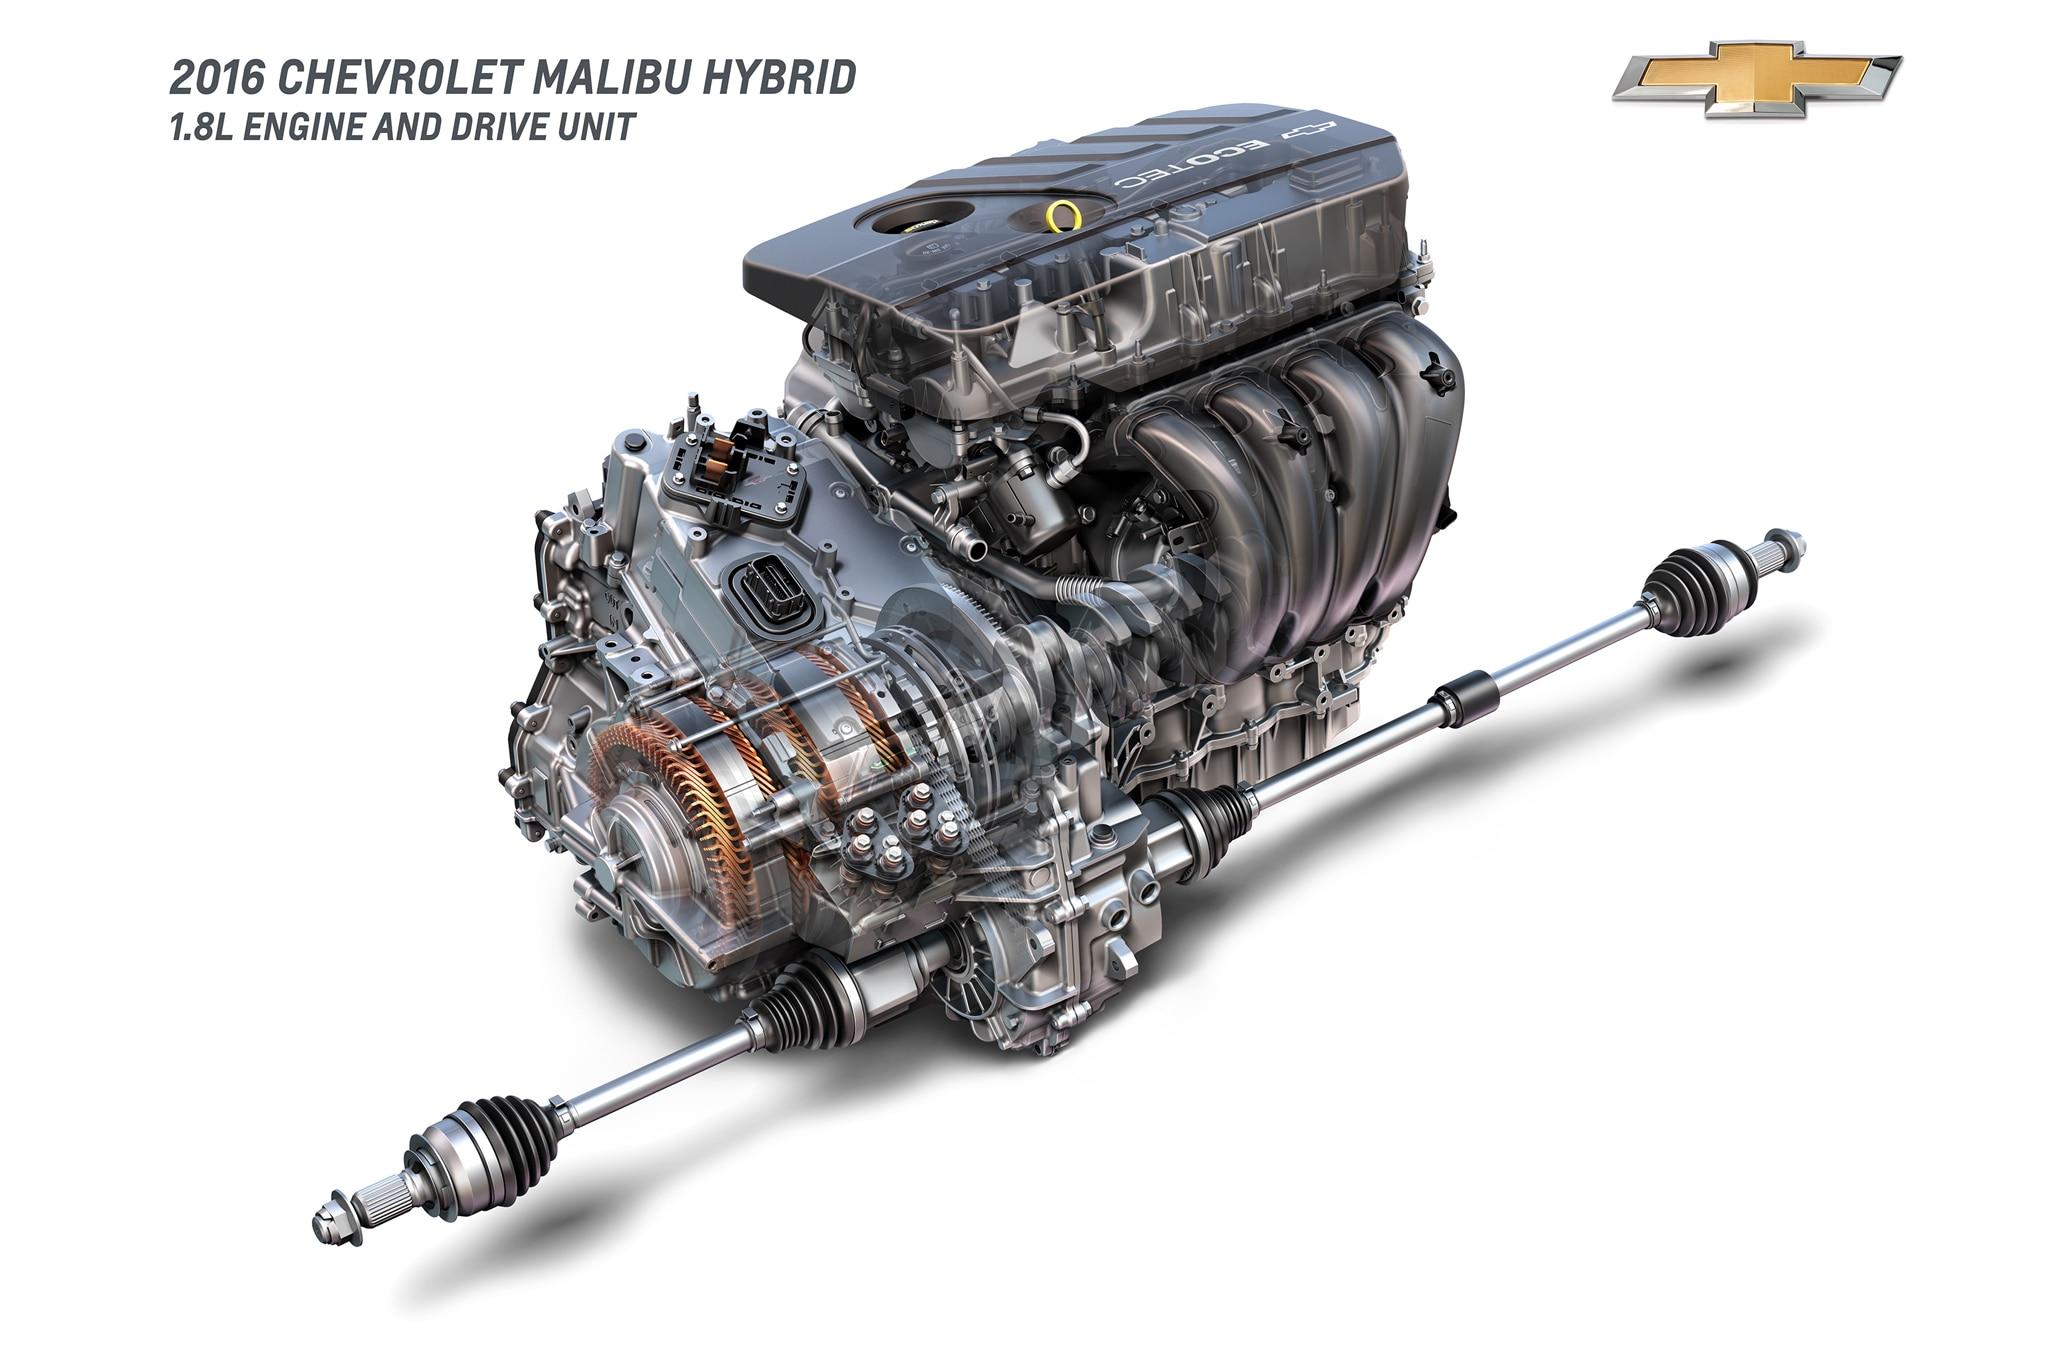 2016 Chevrolet Malibu Hybrid Returns 46 Mpg Automobile